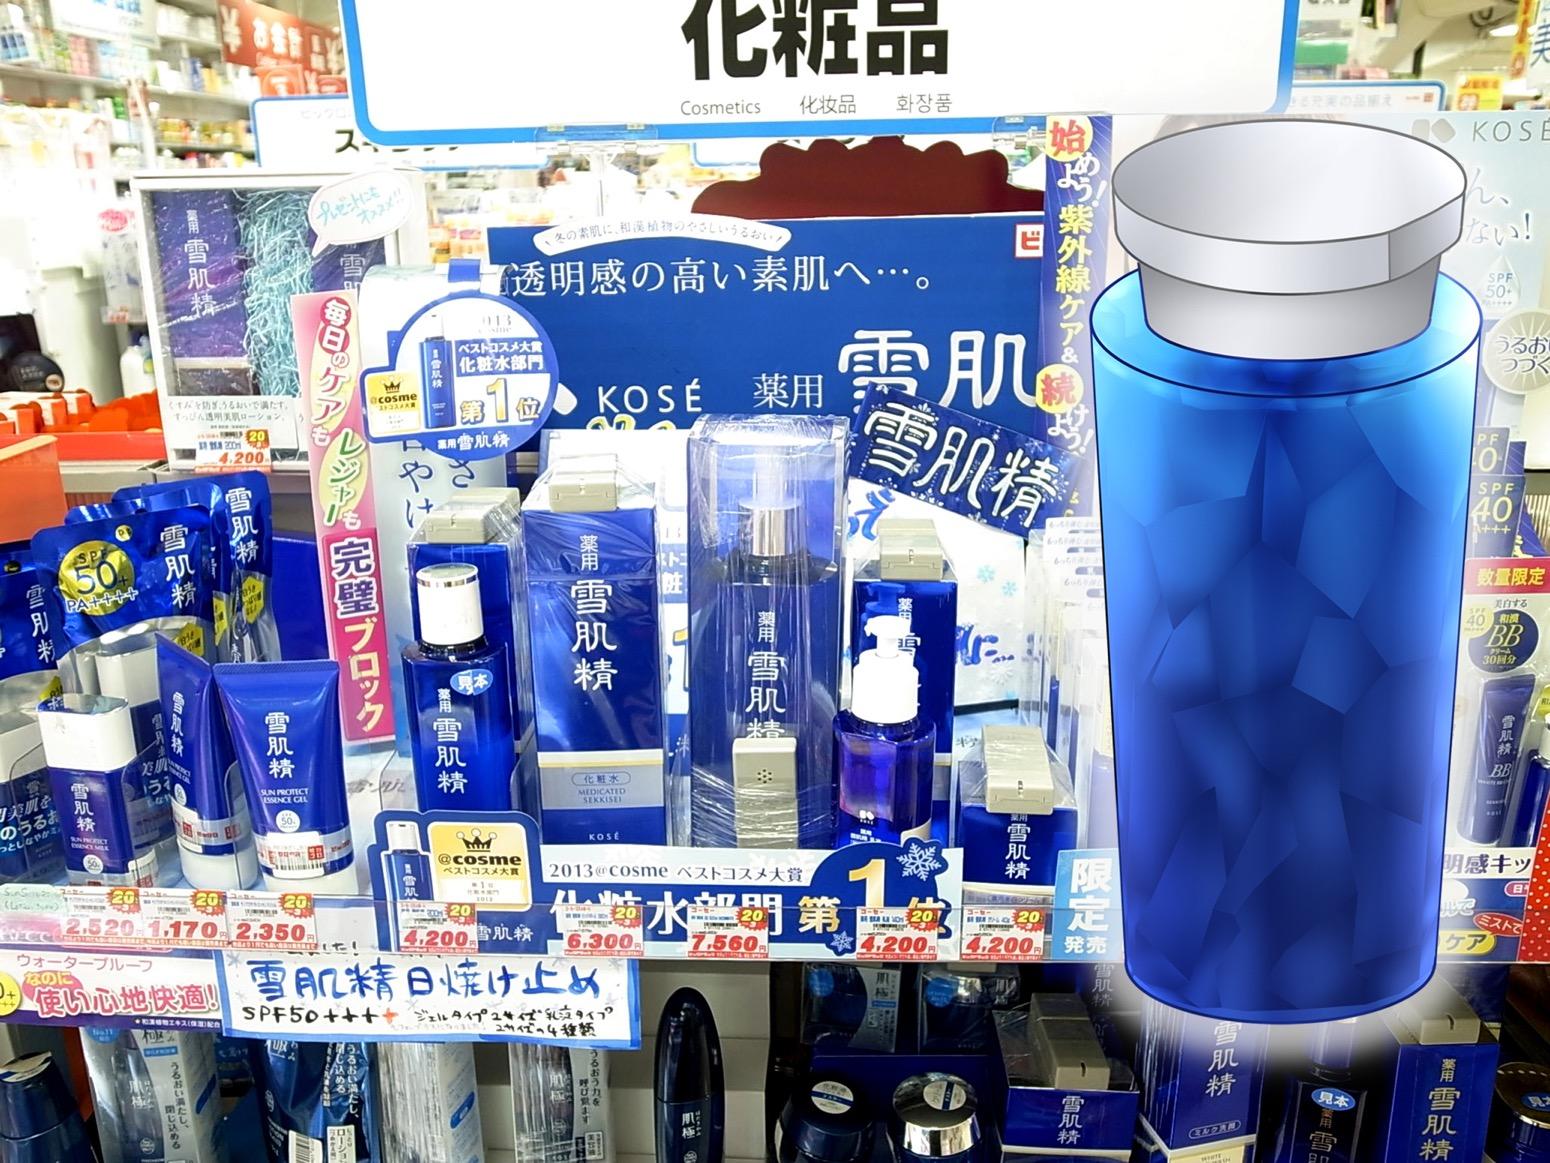 ビックカメラ赤坂見附駅店